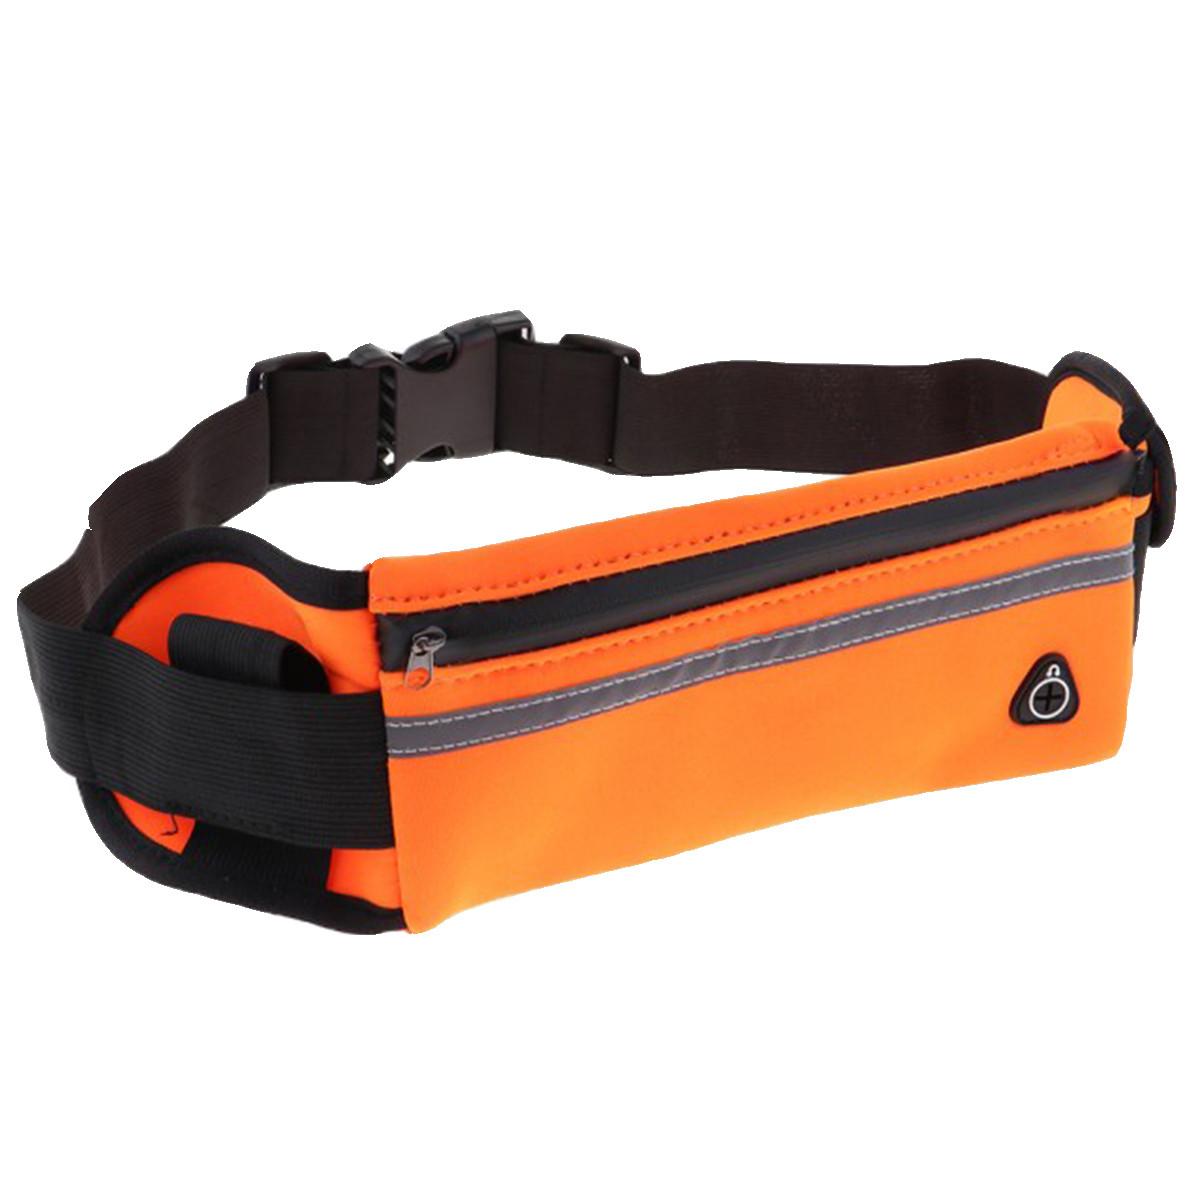 Сумка спортивная поясная для телефона оранжевая - фото 3